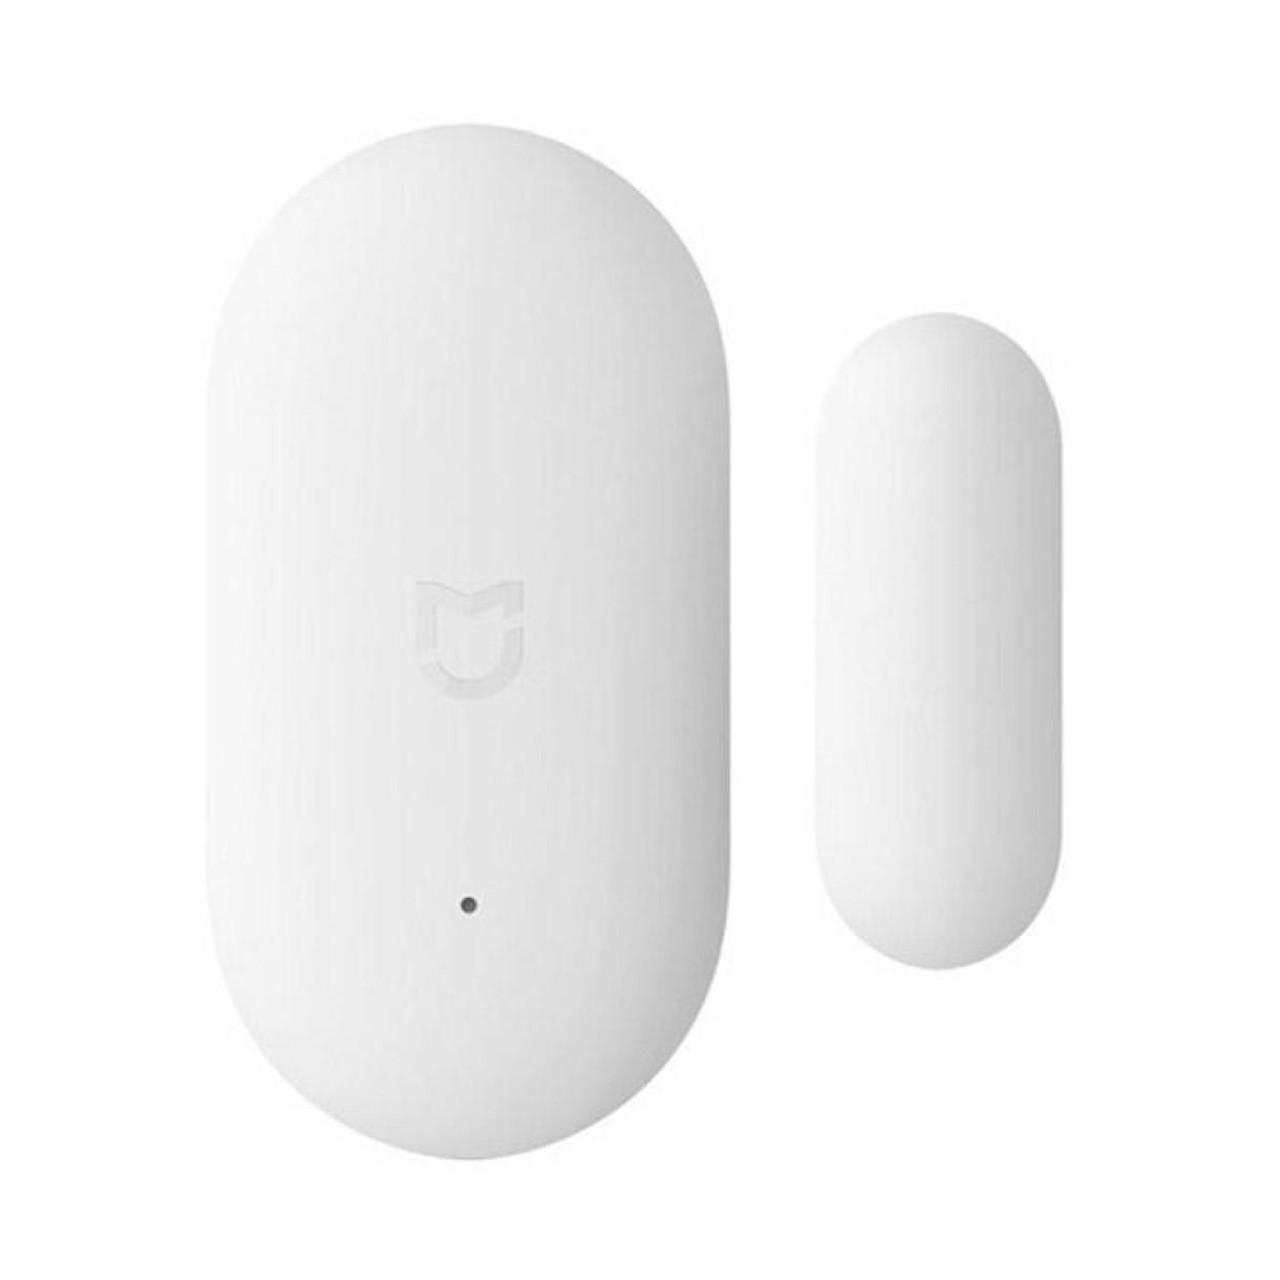 Умный датчик дверей и окон Xiaomi MiJia Door and Window Sensor (3613-10326)